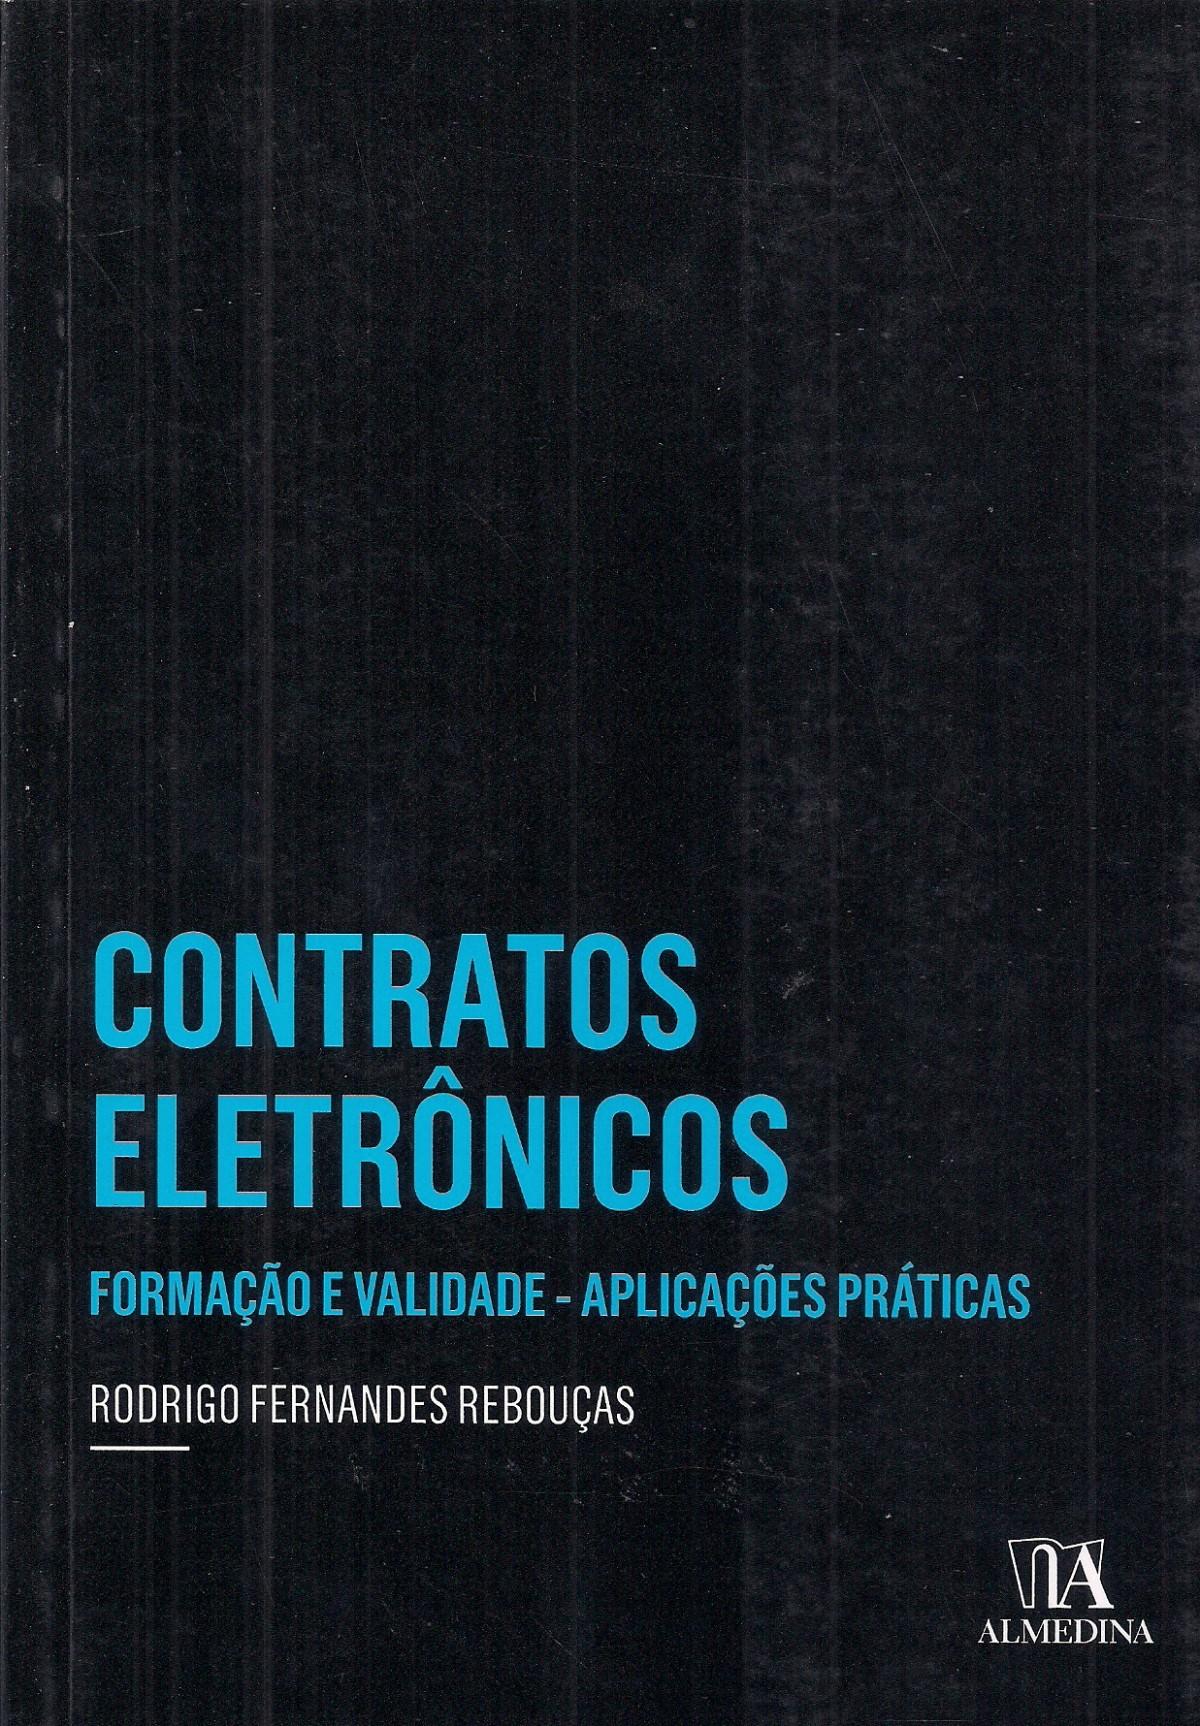 Foto 1 - Contratos Eletrônicos - Formação e validade - aplicações práticas